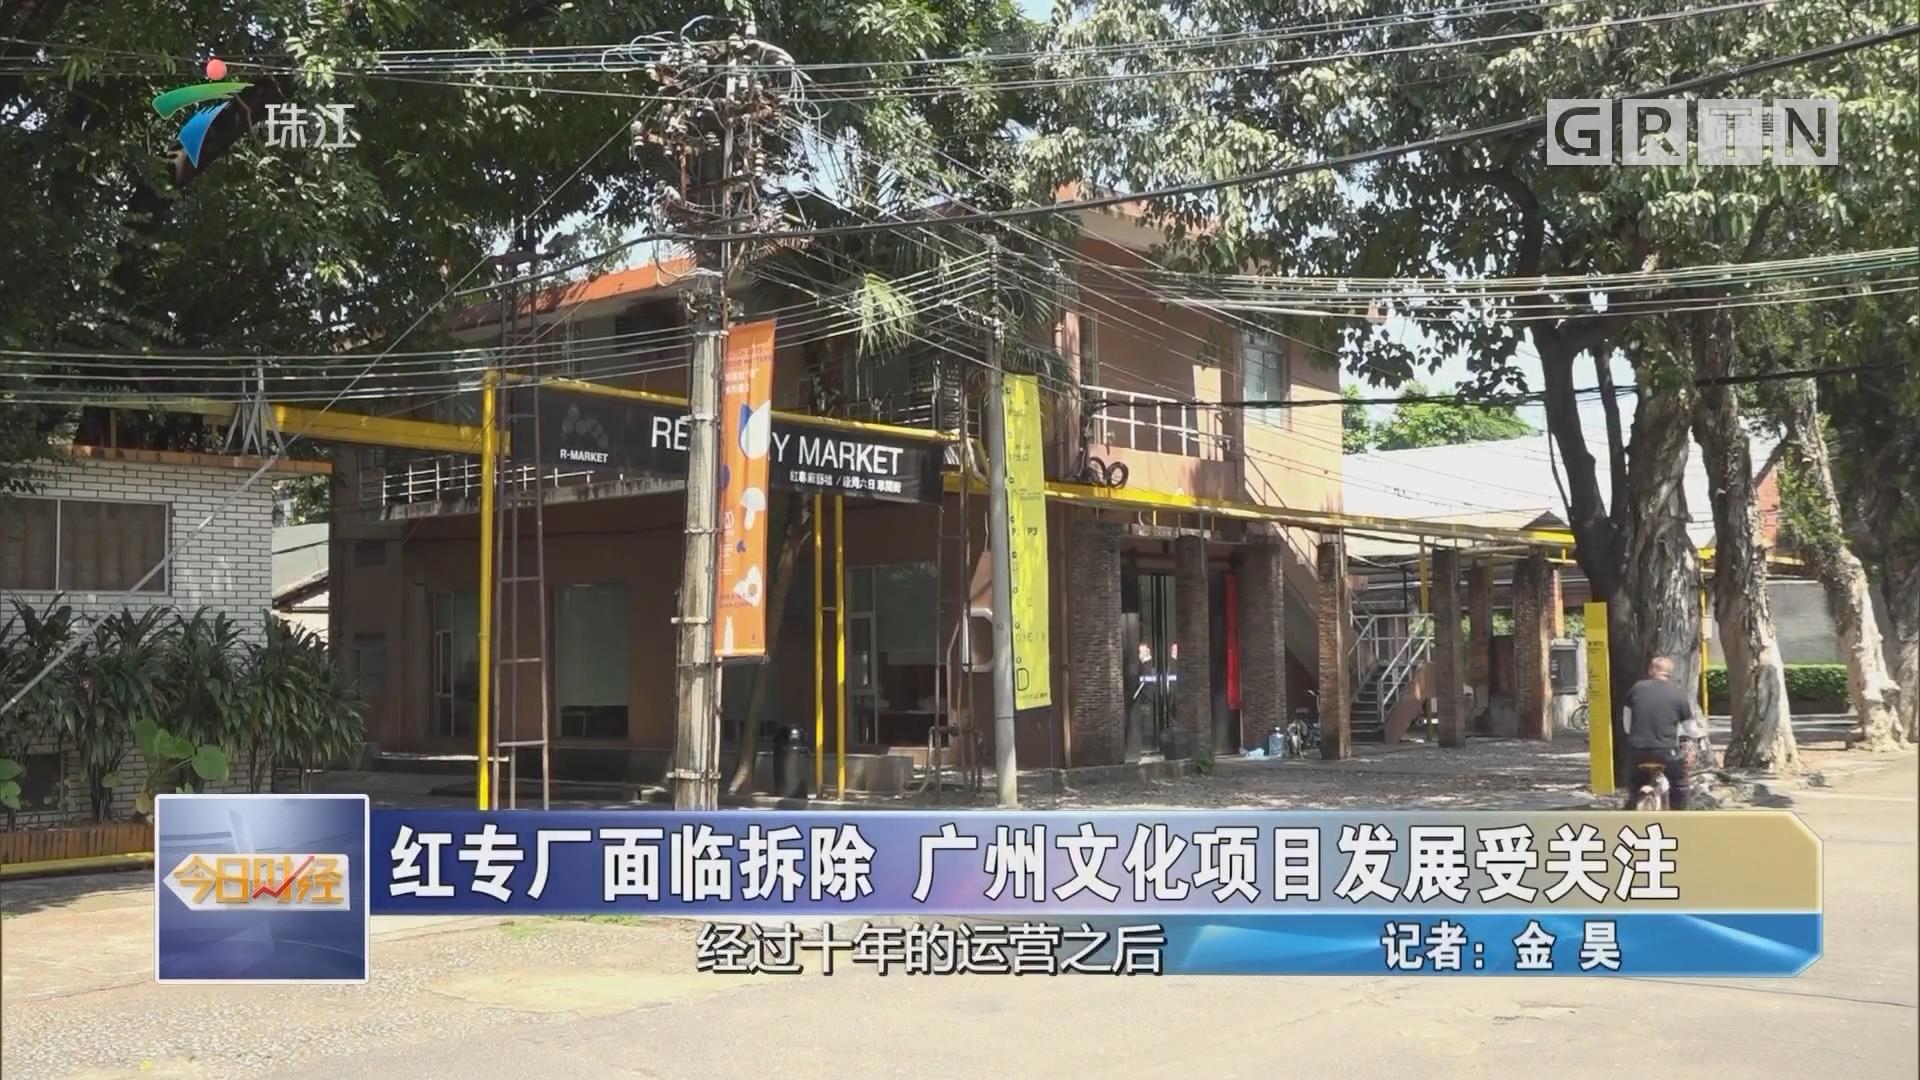 红专厂面临拆除 广州文化项目发展受关注